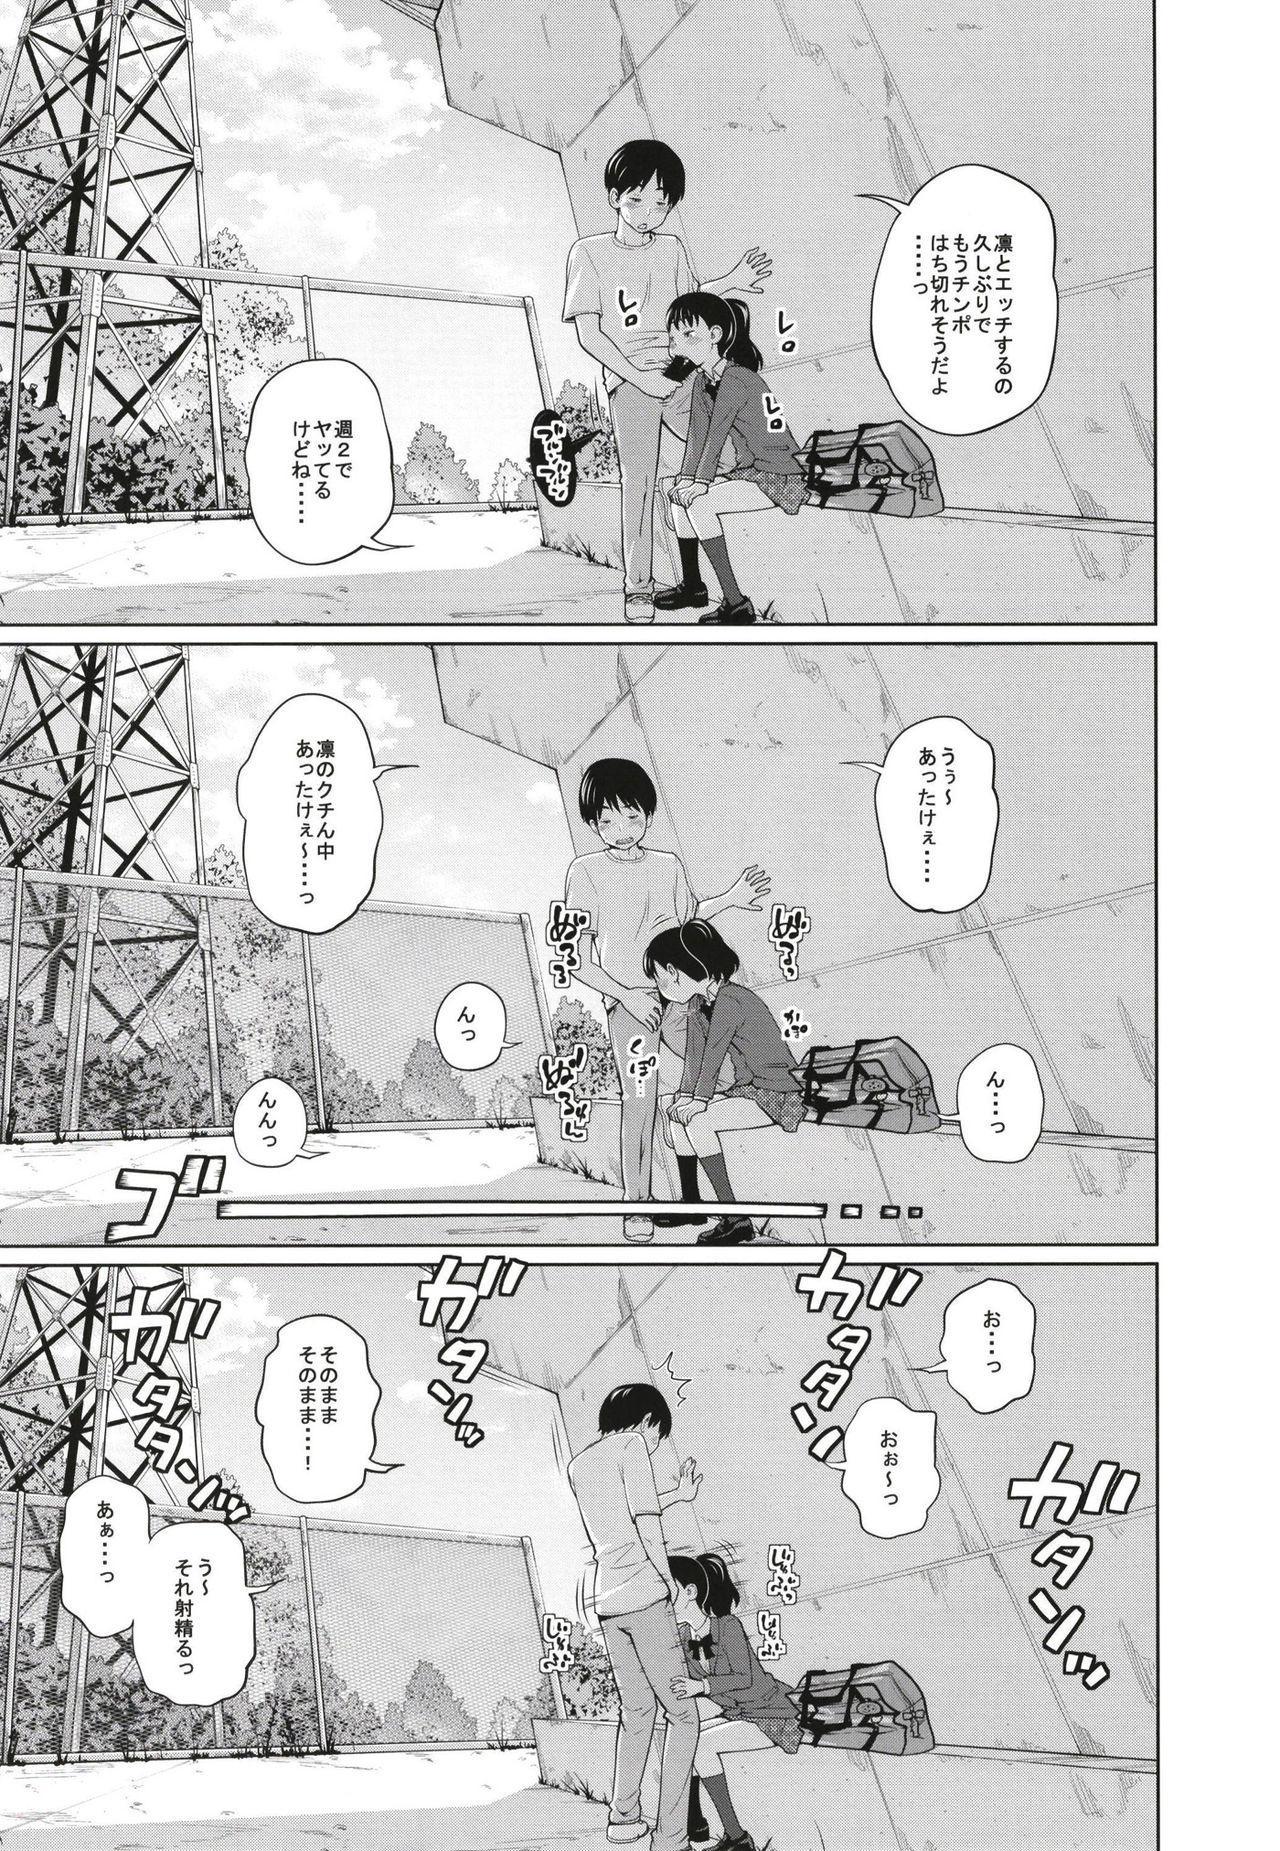 Kono Naka ni Kinshin Soukan Shiteiru Musume ga 3-nin Imasu #3 20